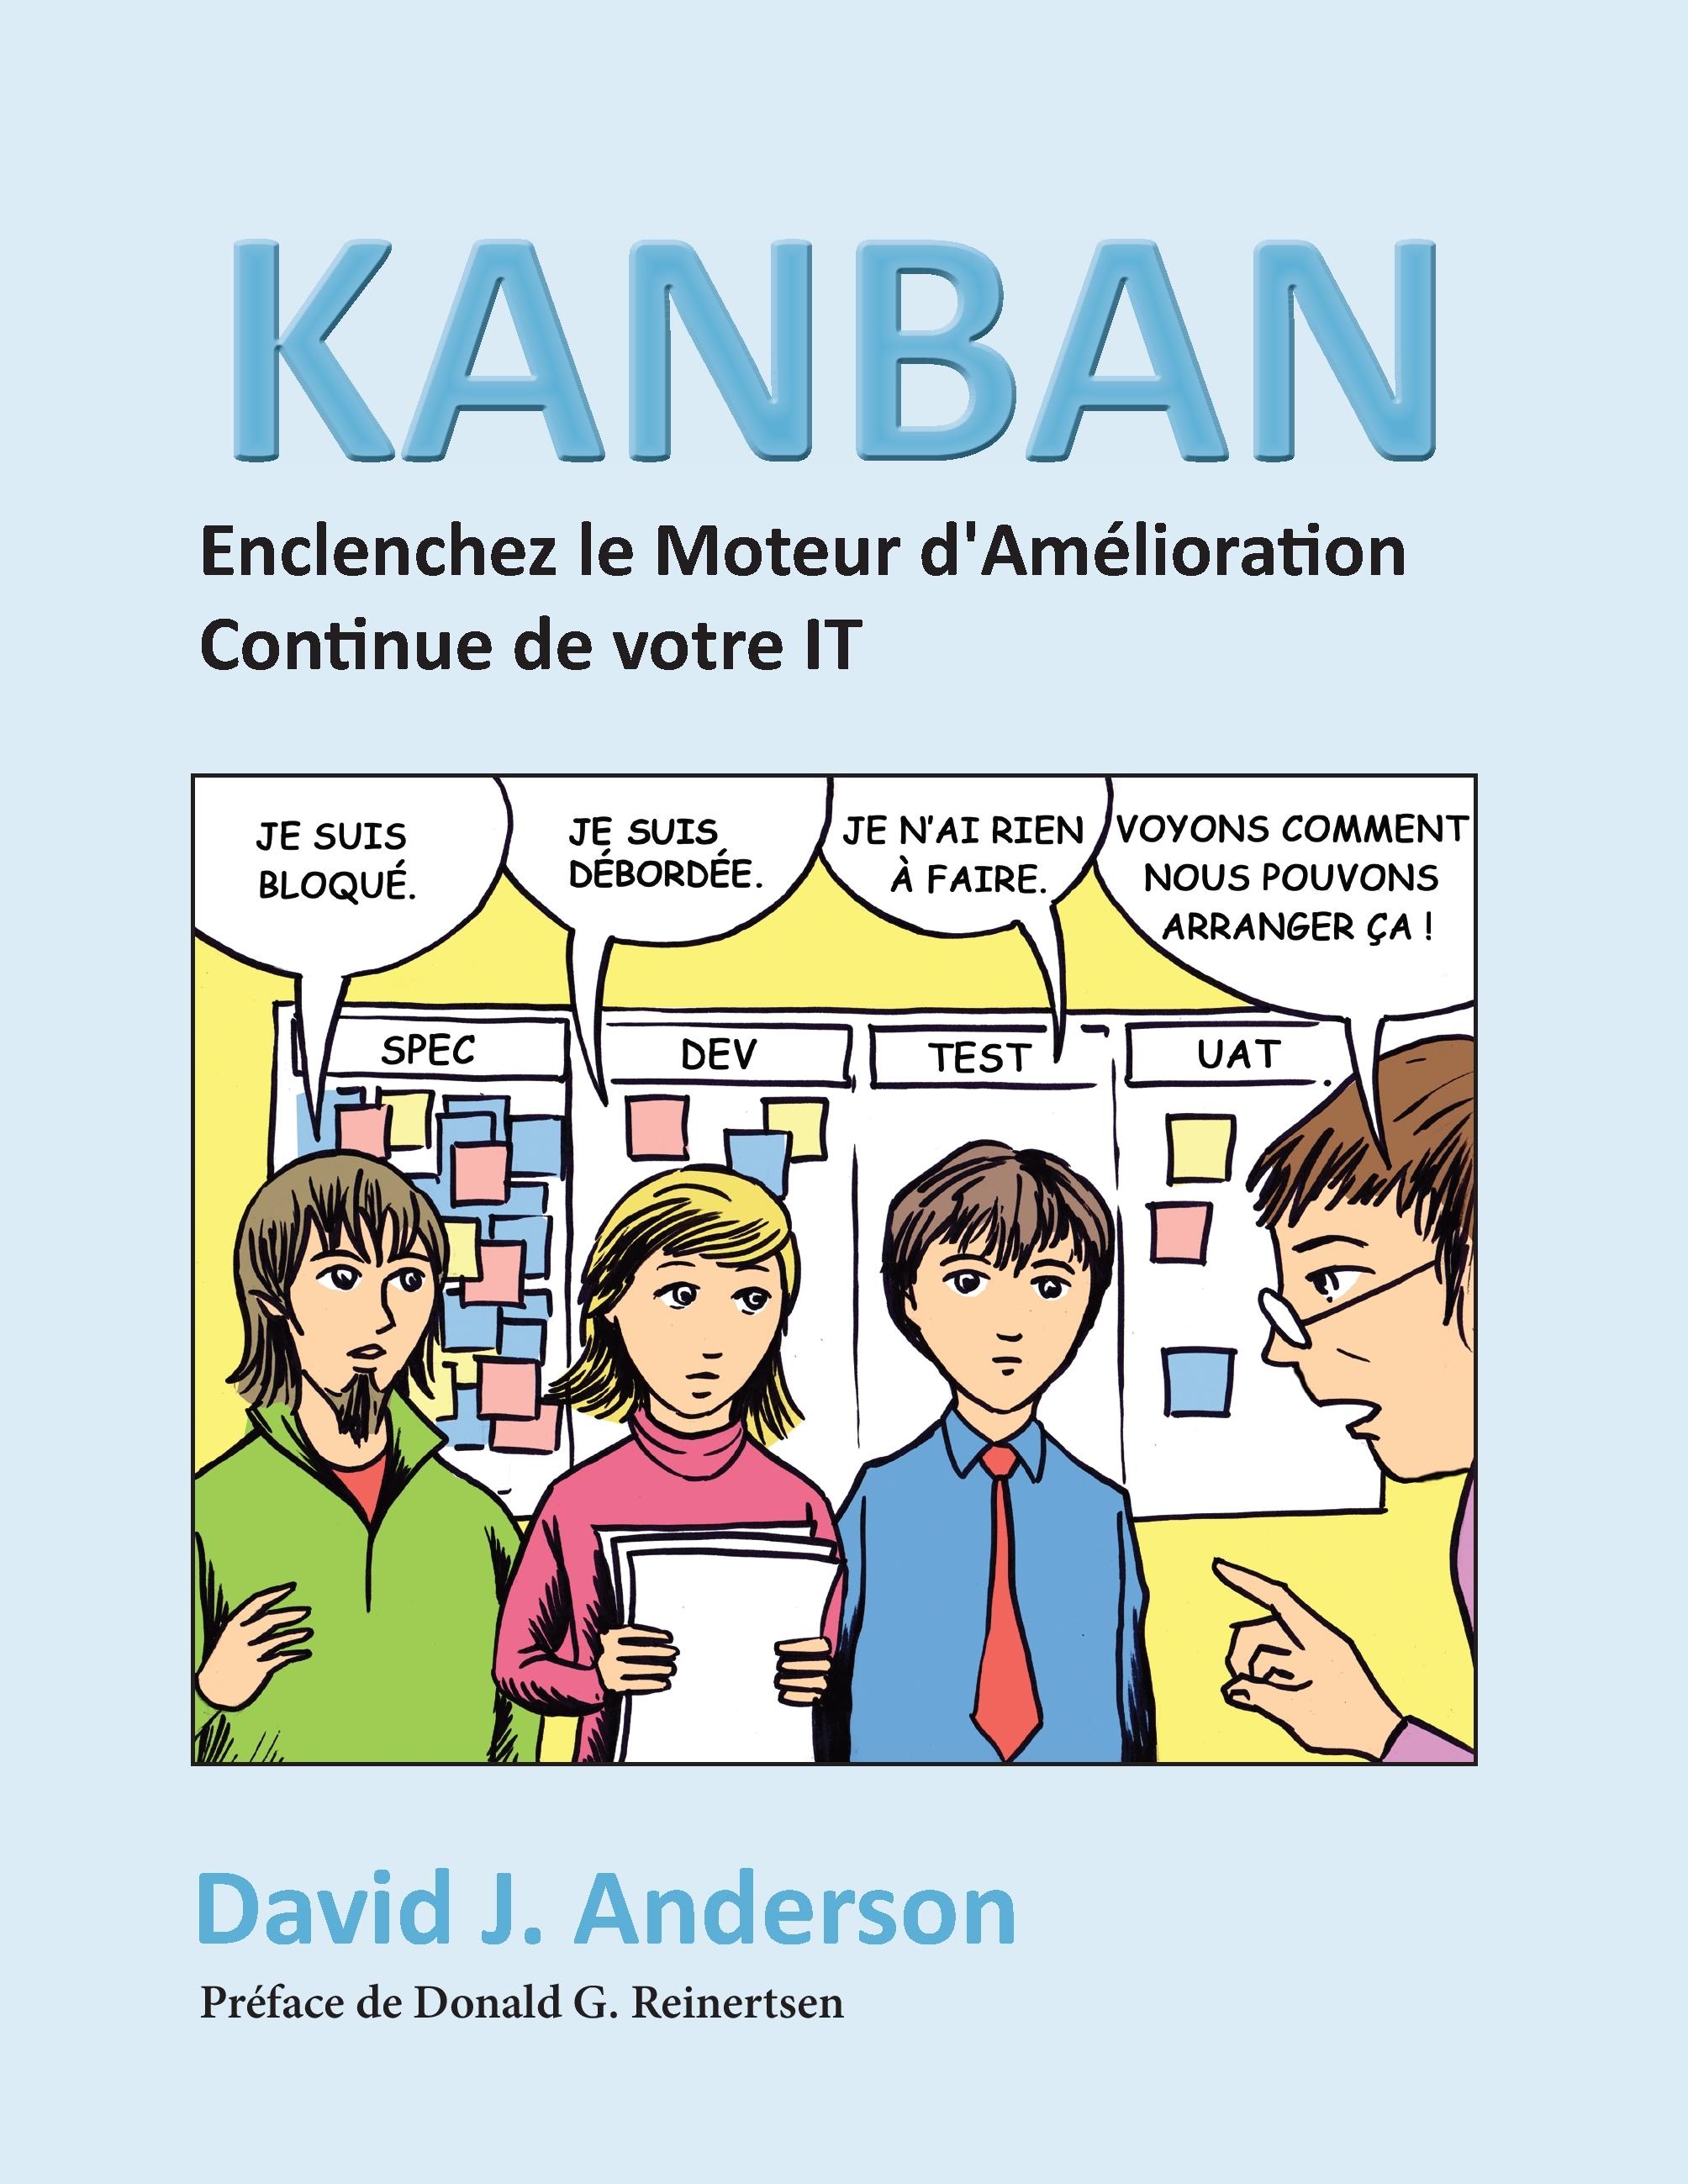 KANBAN, ENCLENCHEZ LE MOTEUR D'AMELIORATION CONTINUE DE VOTR